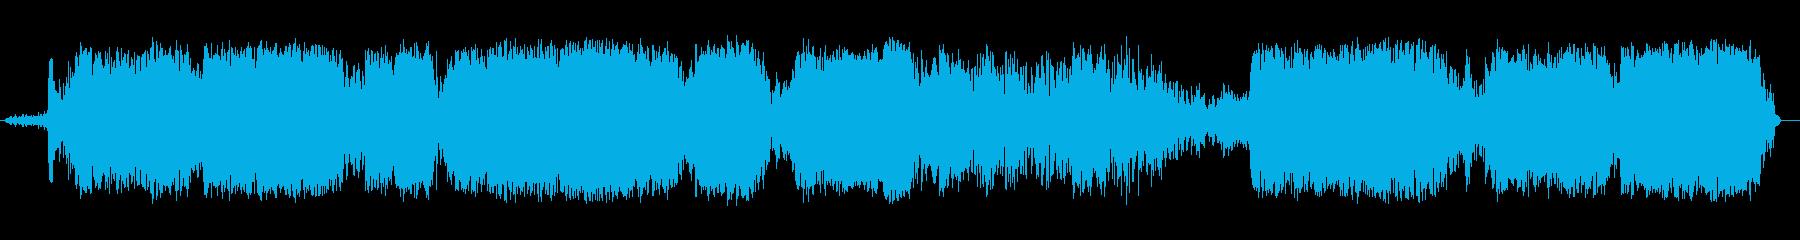 重い干渉を伴うトランシーバーまたは...の再生済みの波形